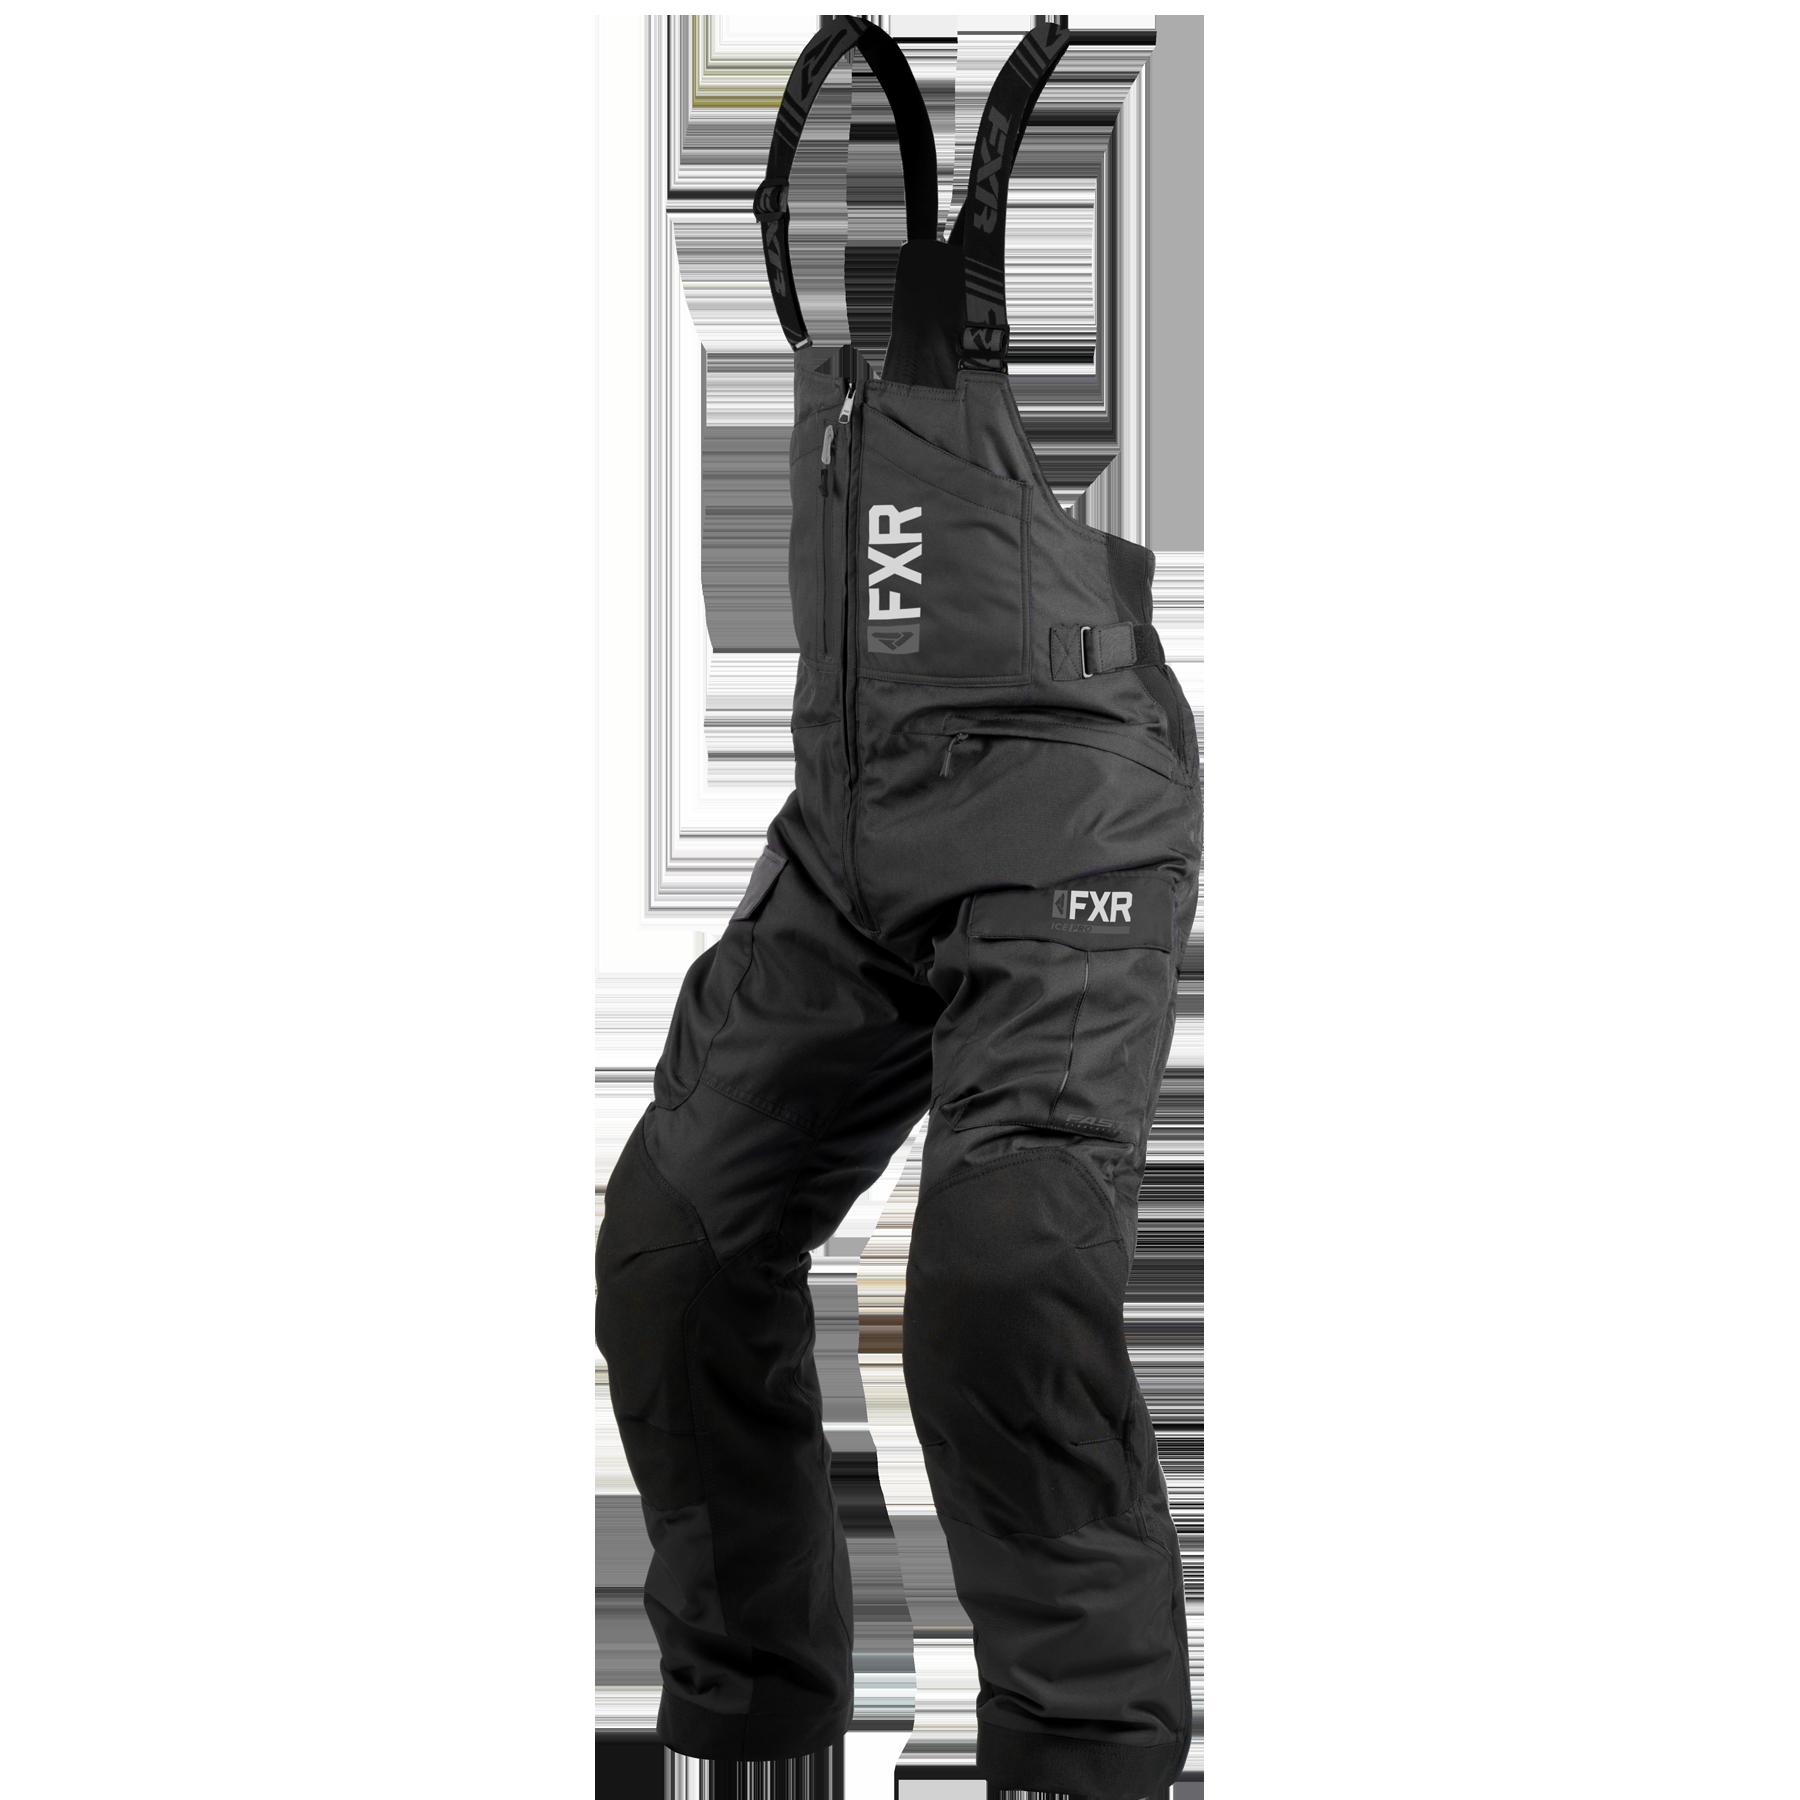 Excursion Ice Pro BIB Pants 22 KI 8